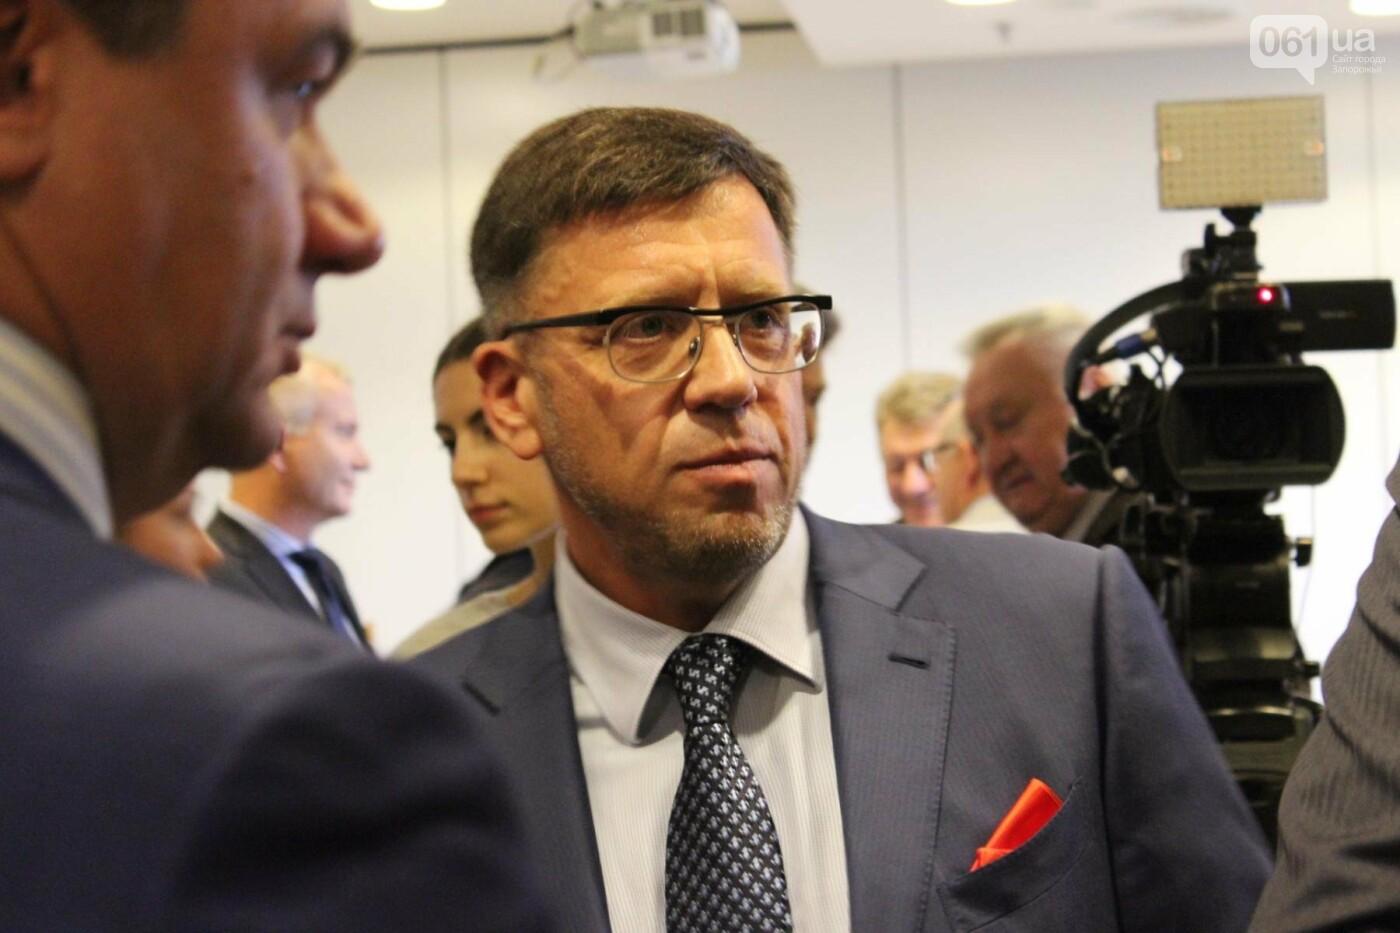 В Запорожье открылось Почетное консульство Австрии: консулом стал известный бизнесмен Борис Шестопалов, — ФОТОРЕПОРТАЖ, фото-10